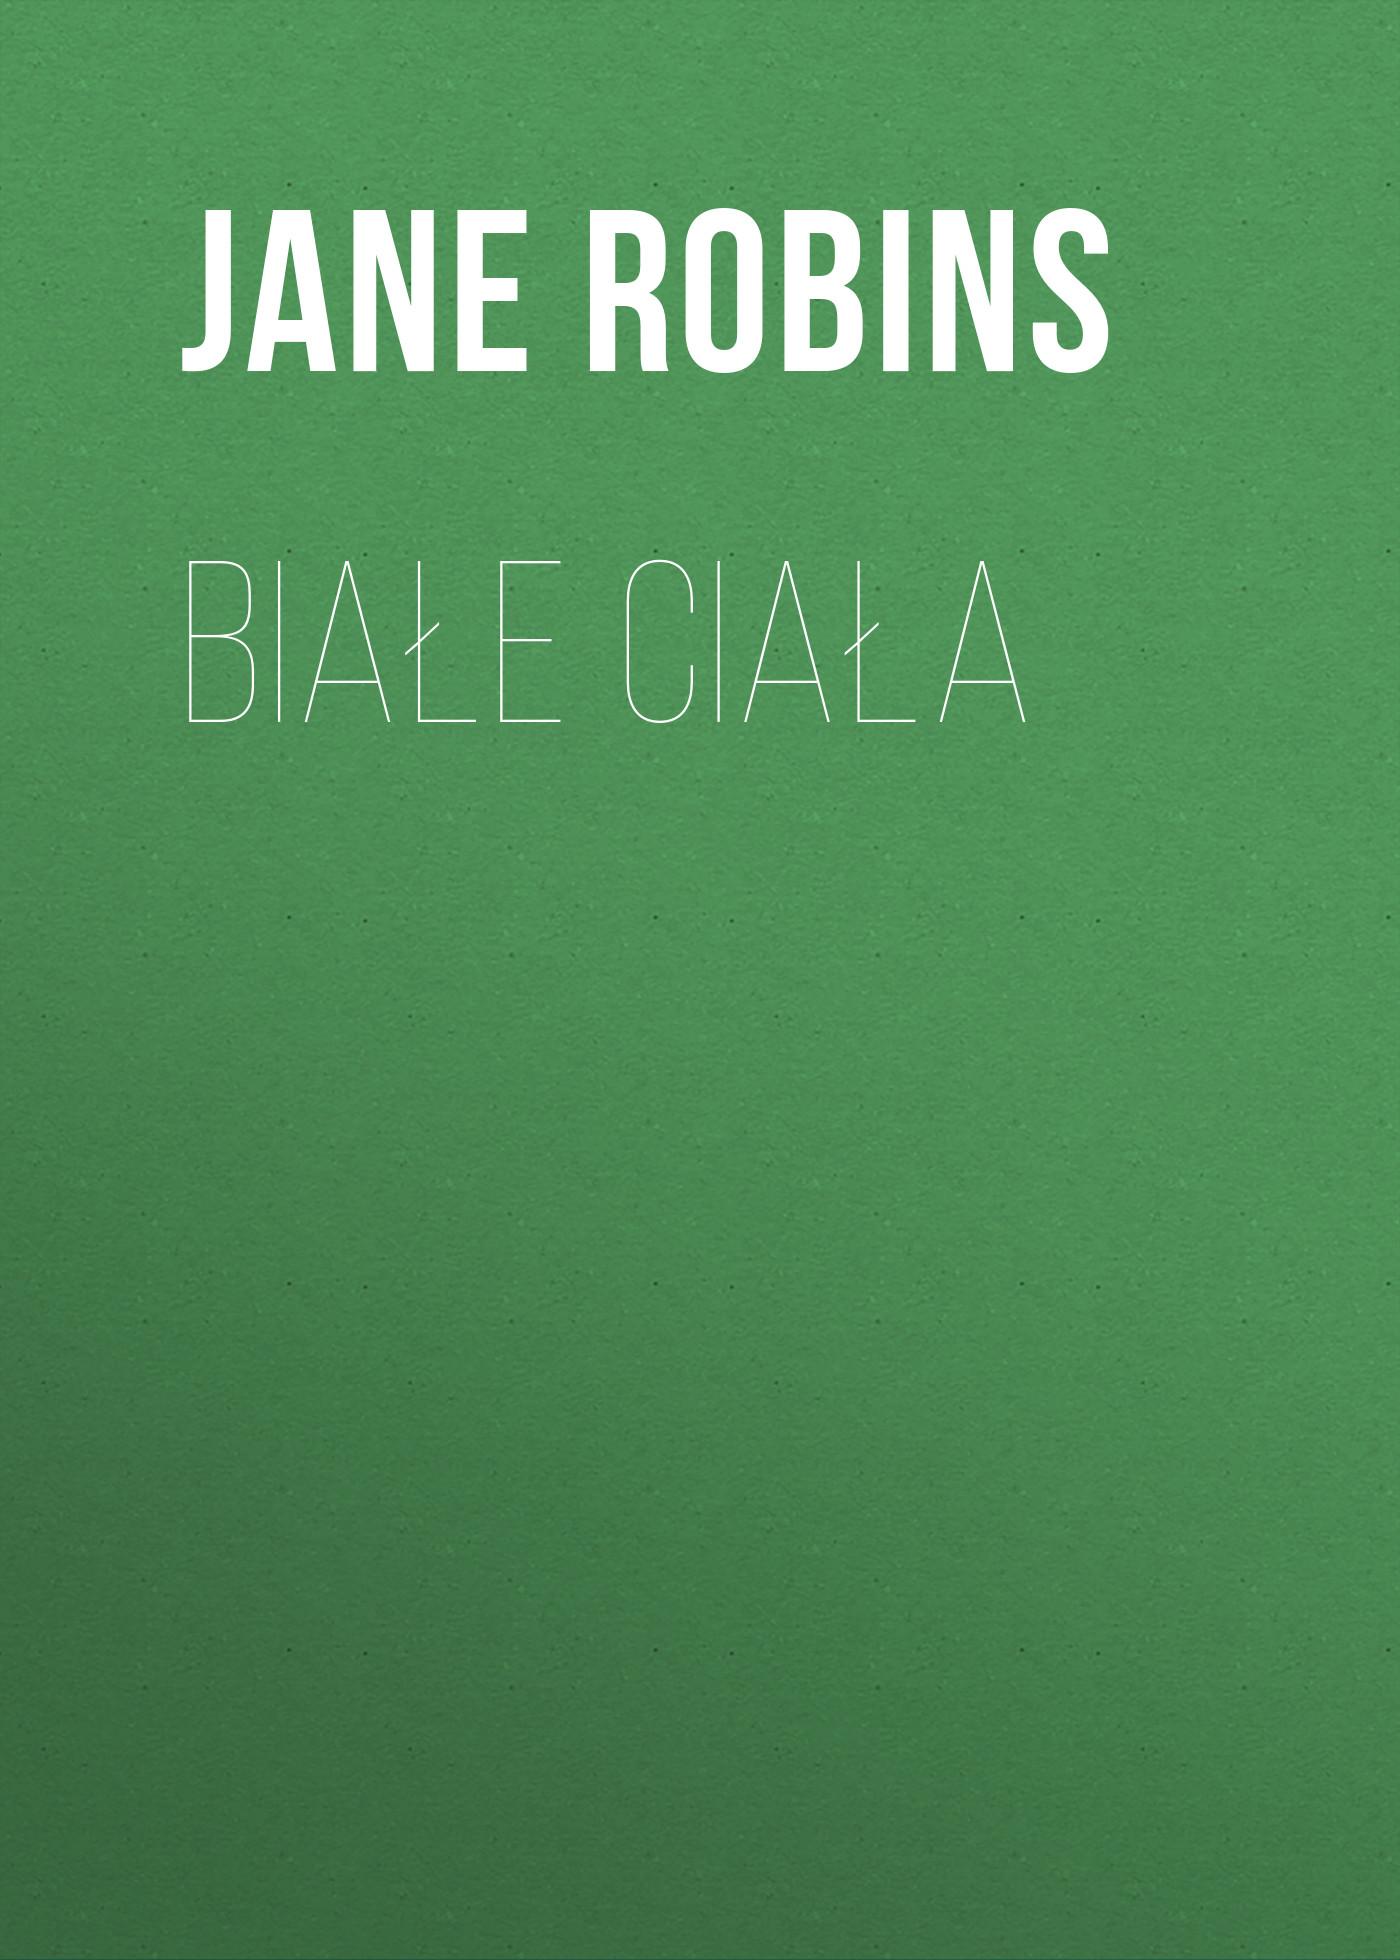 Jane Robins Białe ciała